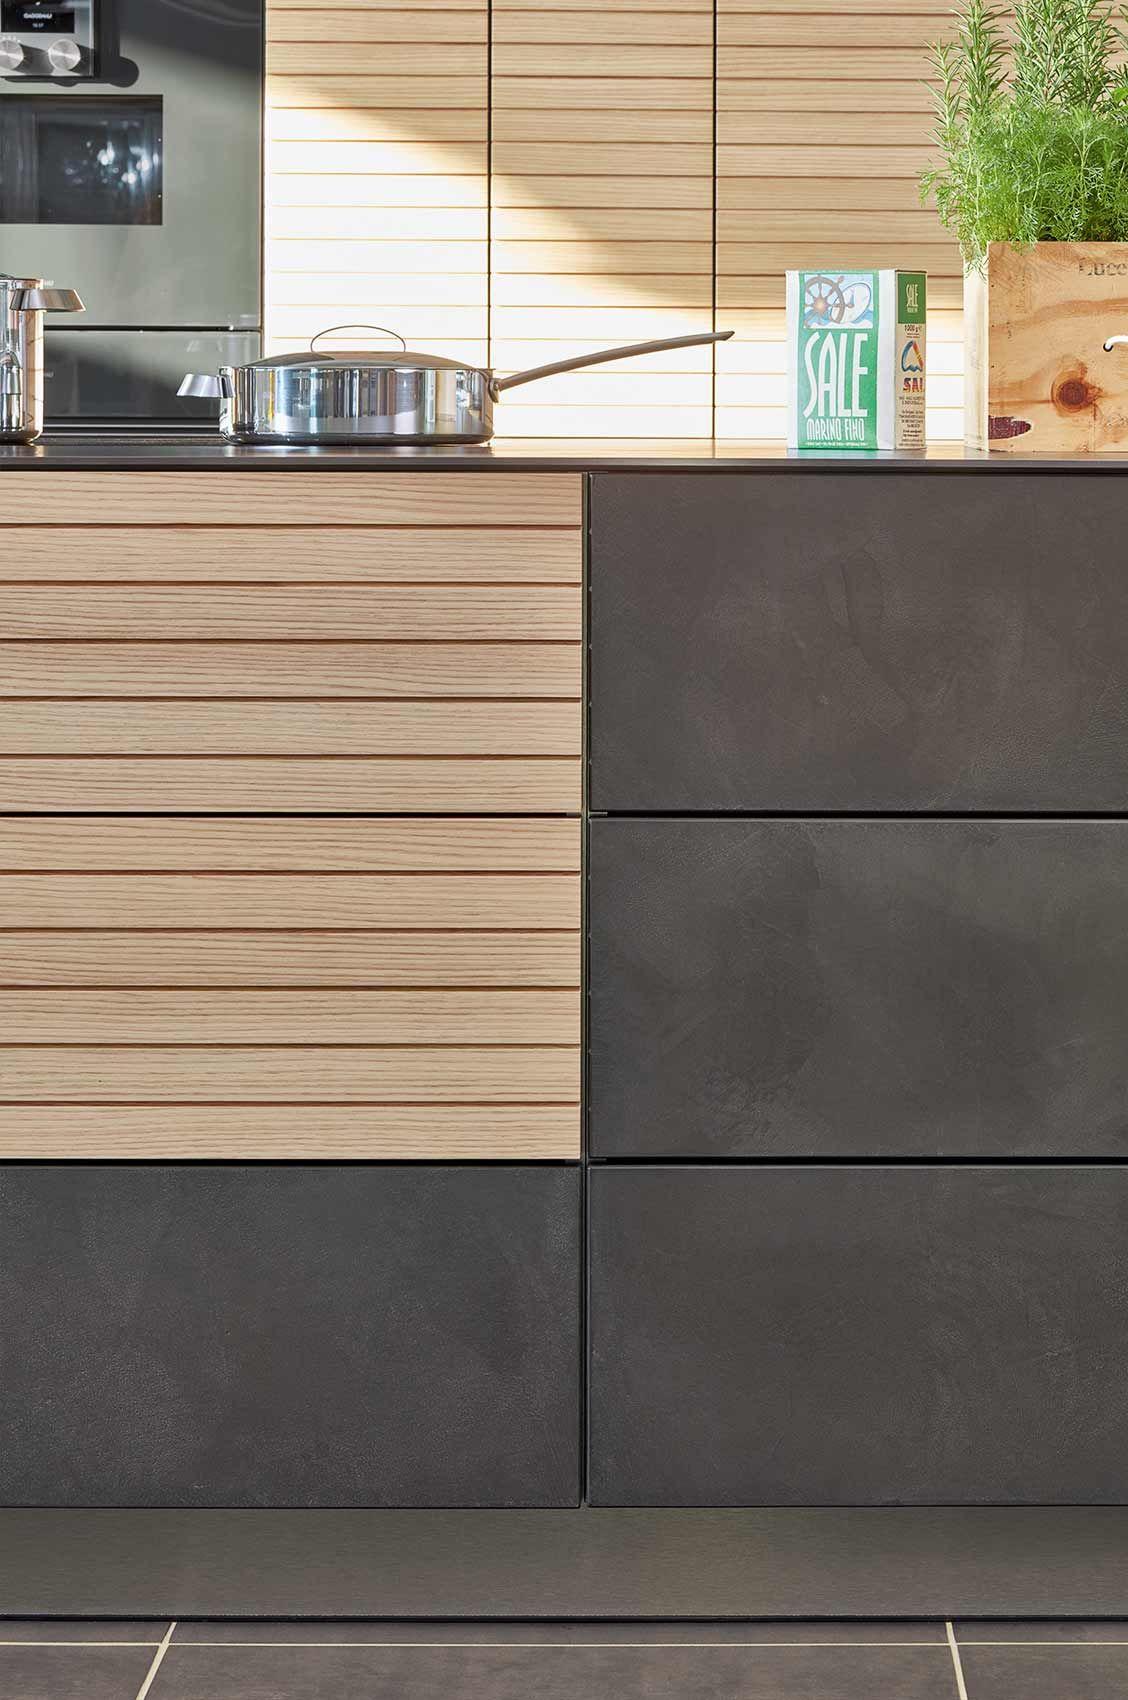 Full Size of Woodlineone Neu En Zeyko Kchen Küchen Regal Wohnzimmer Real Küchen